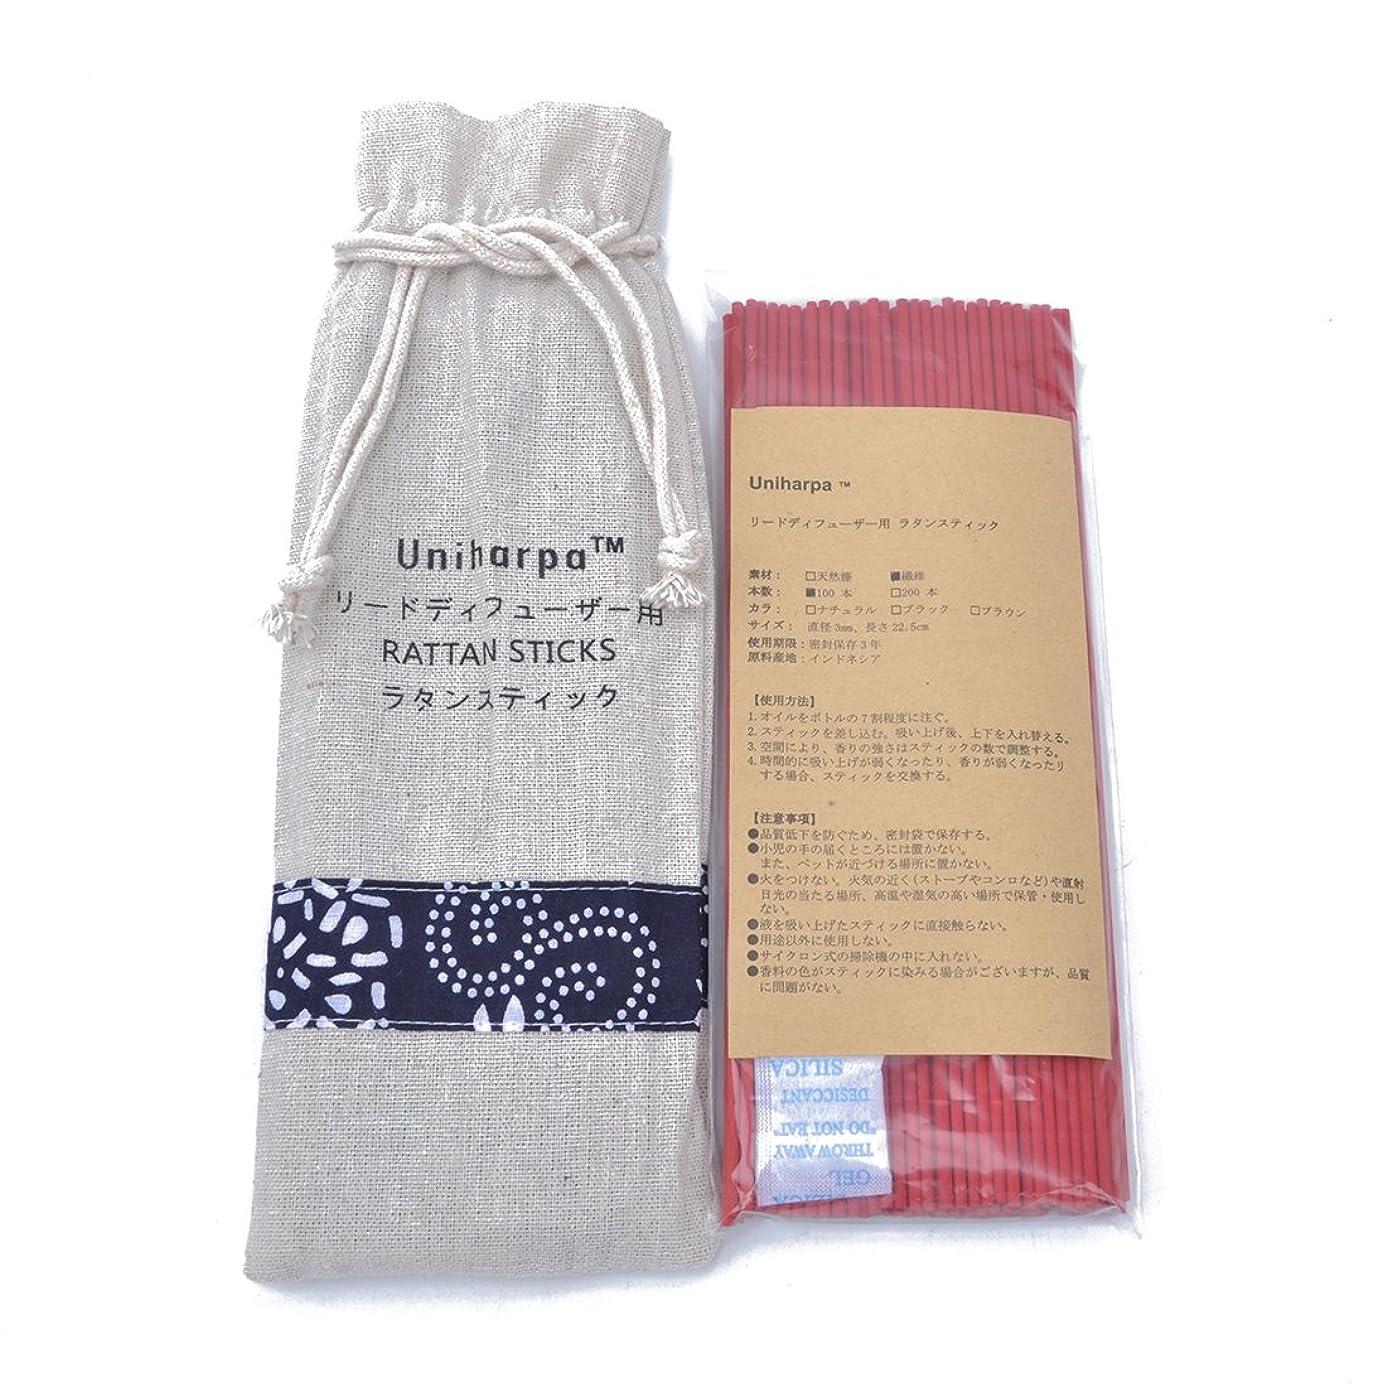 劇作家試してみるアナニバーリードディフューザー用 ラタンスティック/リードスティック リフィル 繊維素材 22.5cm 直径3mm 100本入 乾燥剤入り オリジナル旅行専用袋付 (赤)